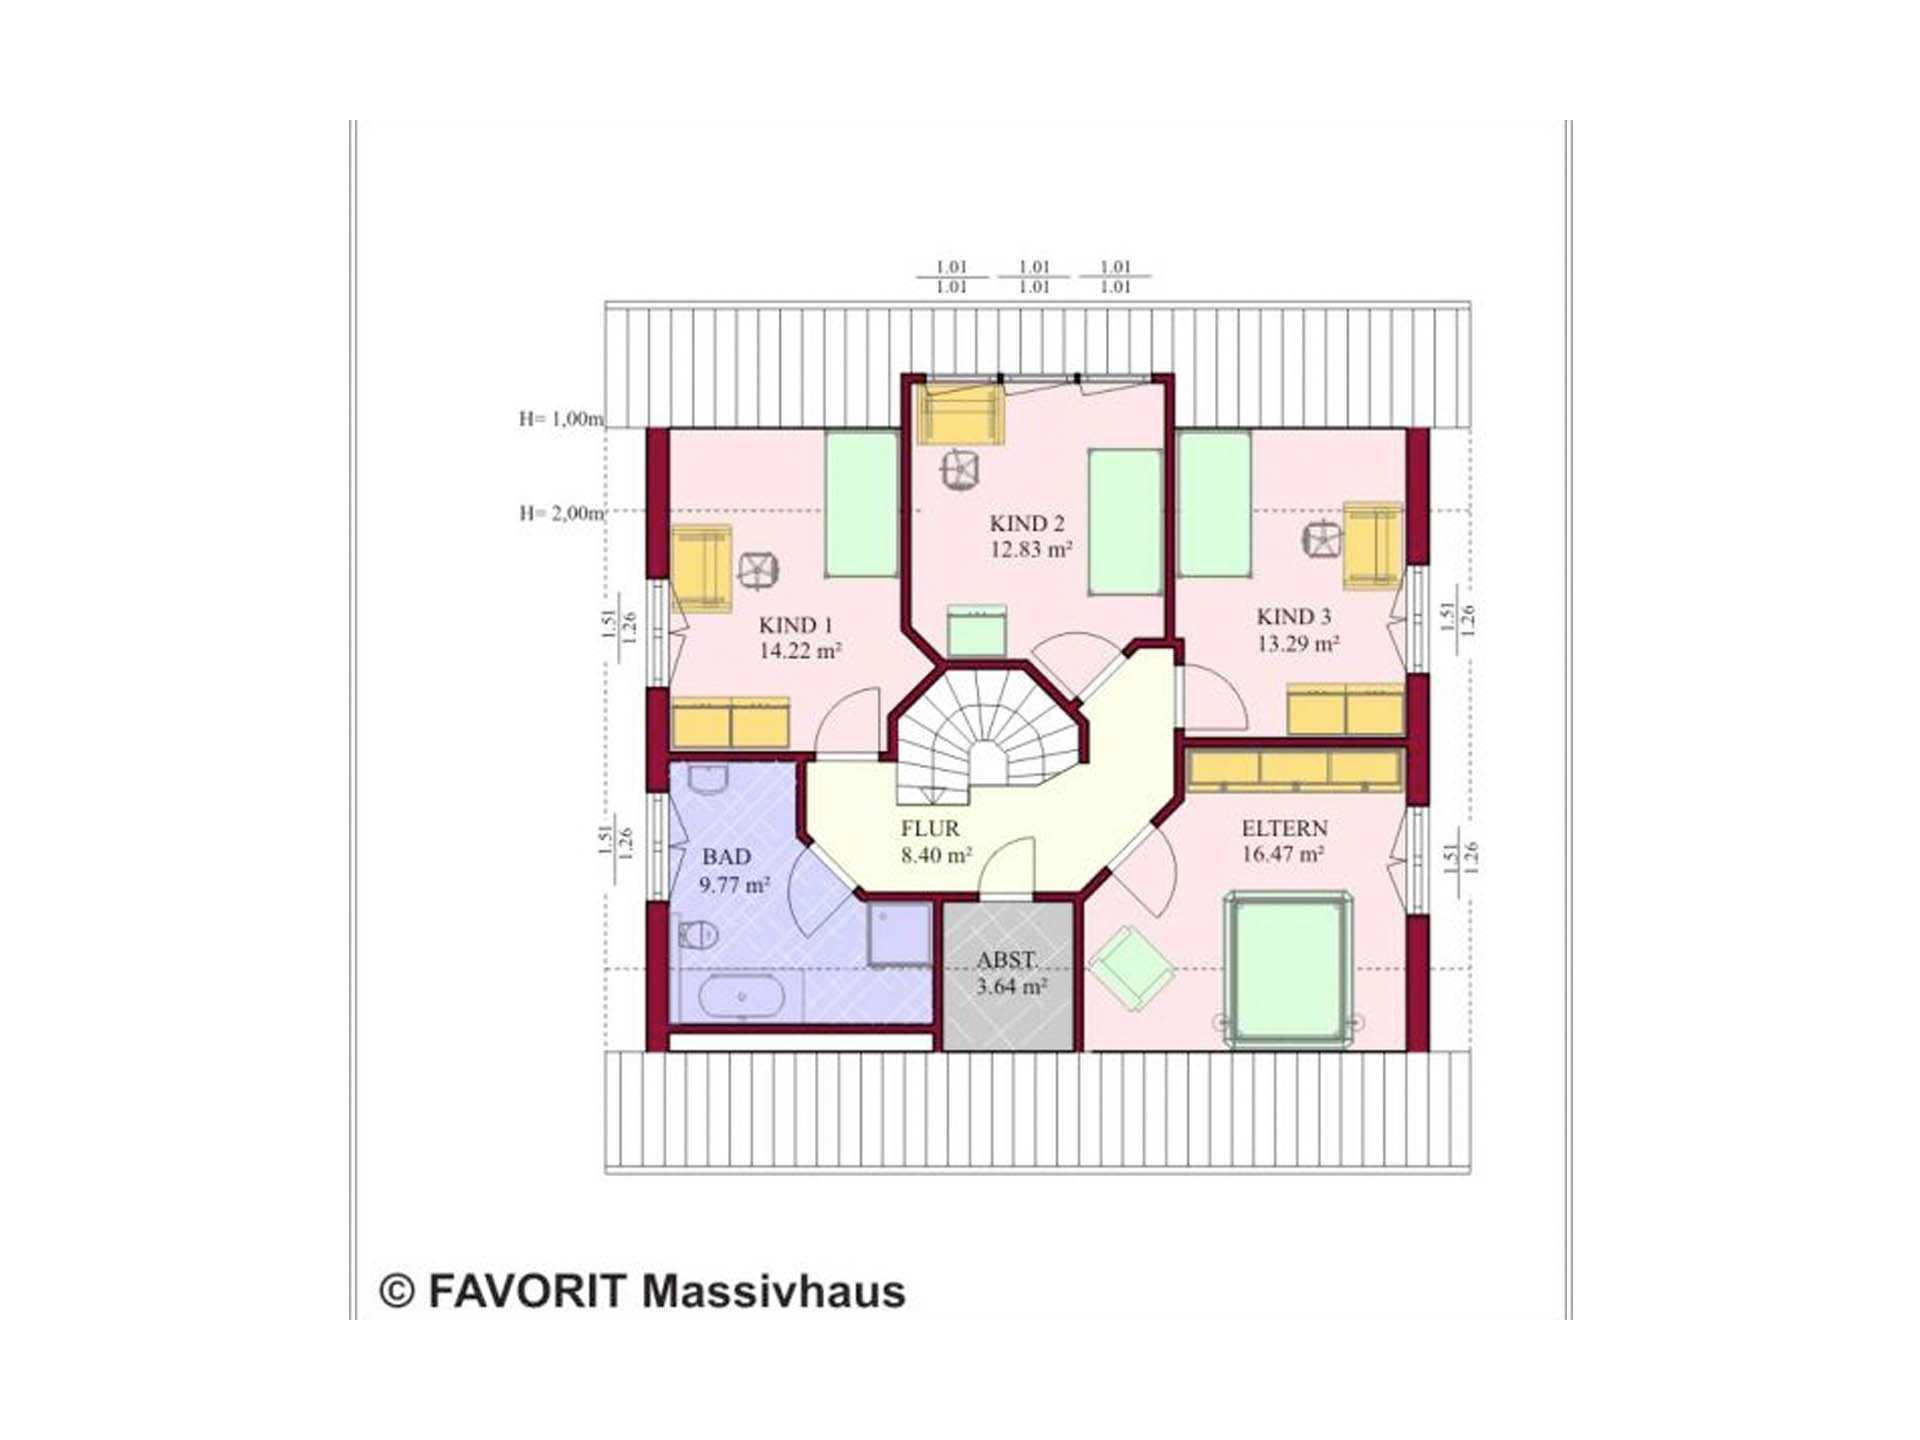 Favorit Massivhaus favorit massivhaus stadtvilla citylife grundriss access favorit